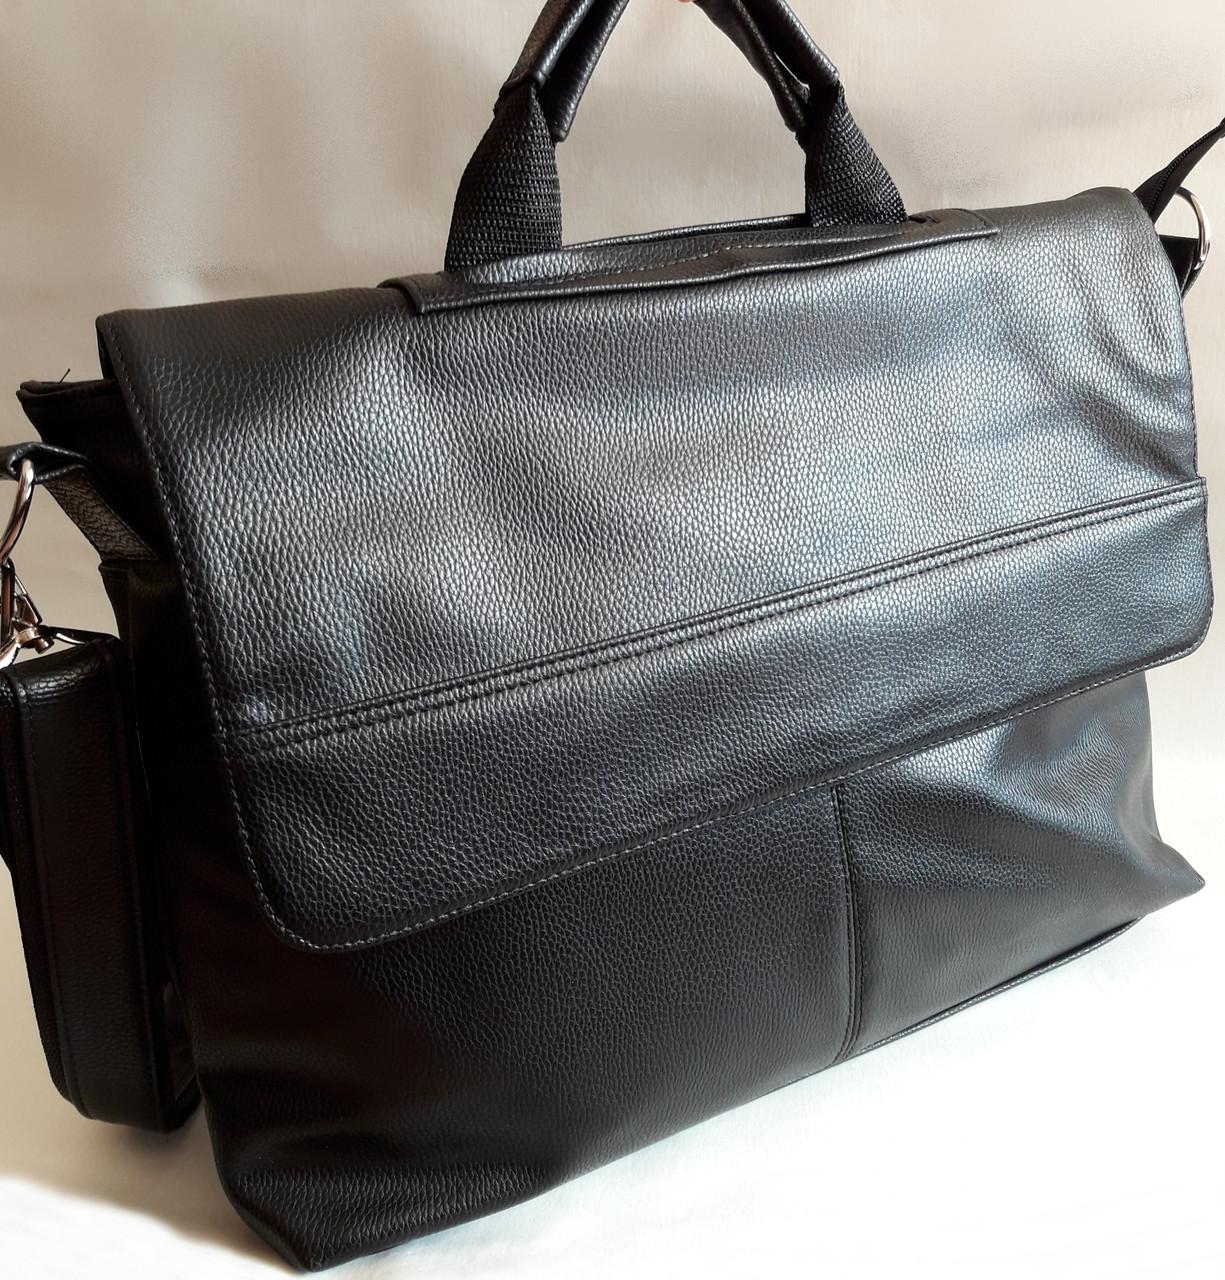 25c98eaecfaf Мужская сумка портфель 7415 Деловые портфели, пошив под заказ: Пошив ...